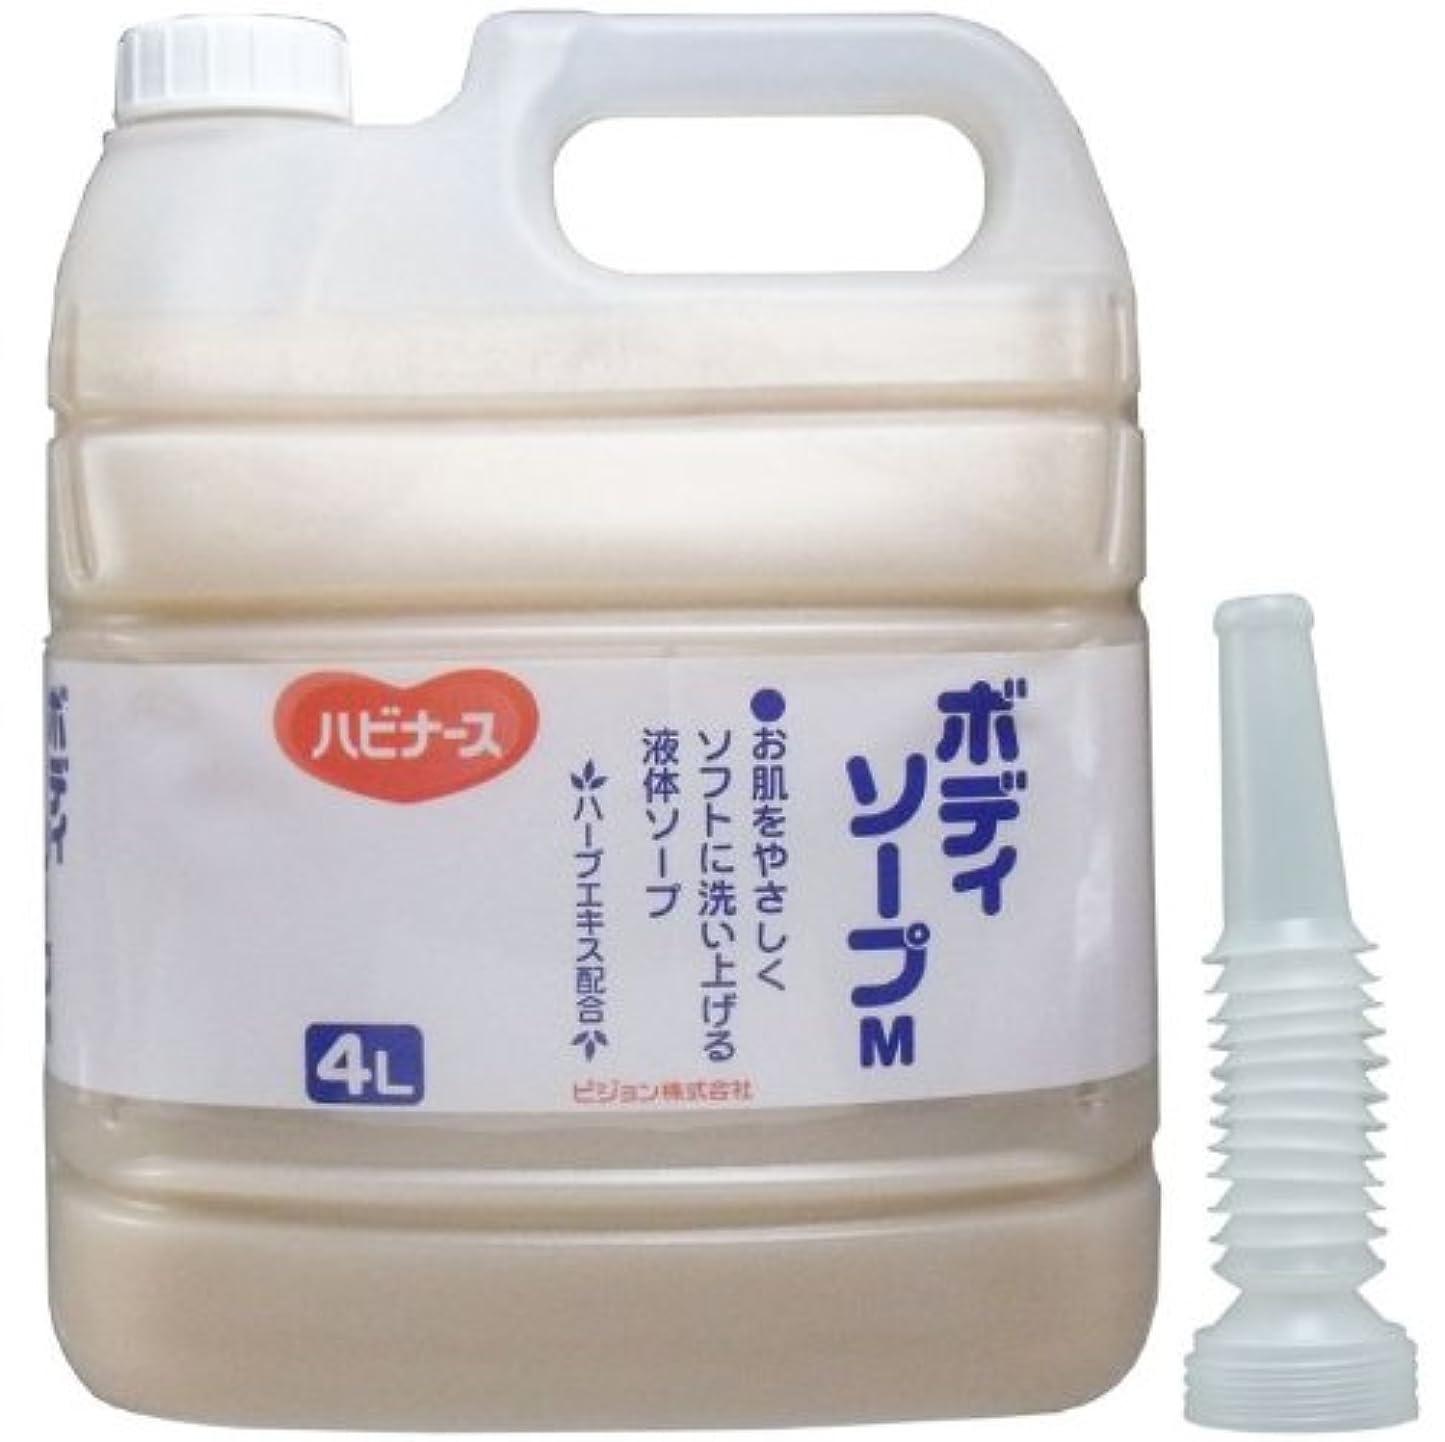 作成する順応性のある信頼できる液体ソープ ボディソープ 風呂 石ケン お肌をやさしくソフトに洗い上げる!業務用 4L【5個セット】